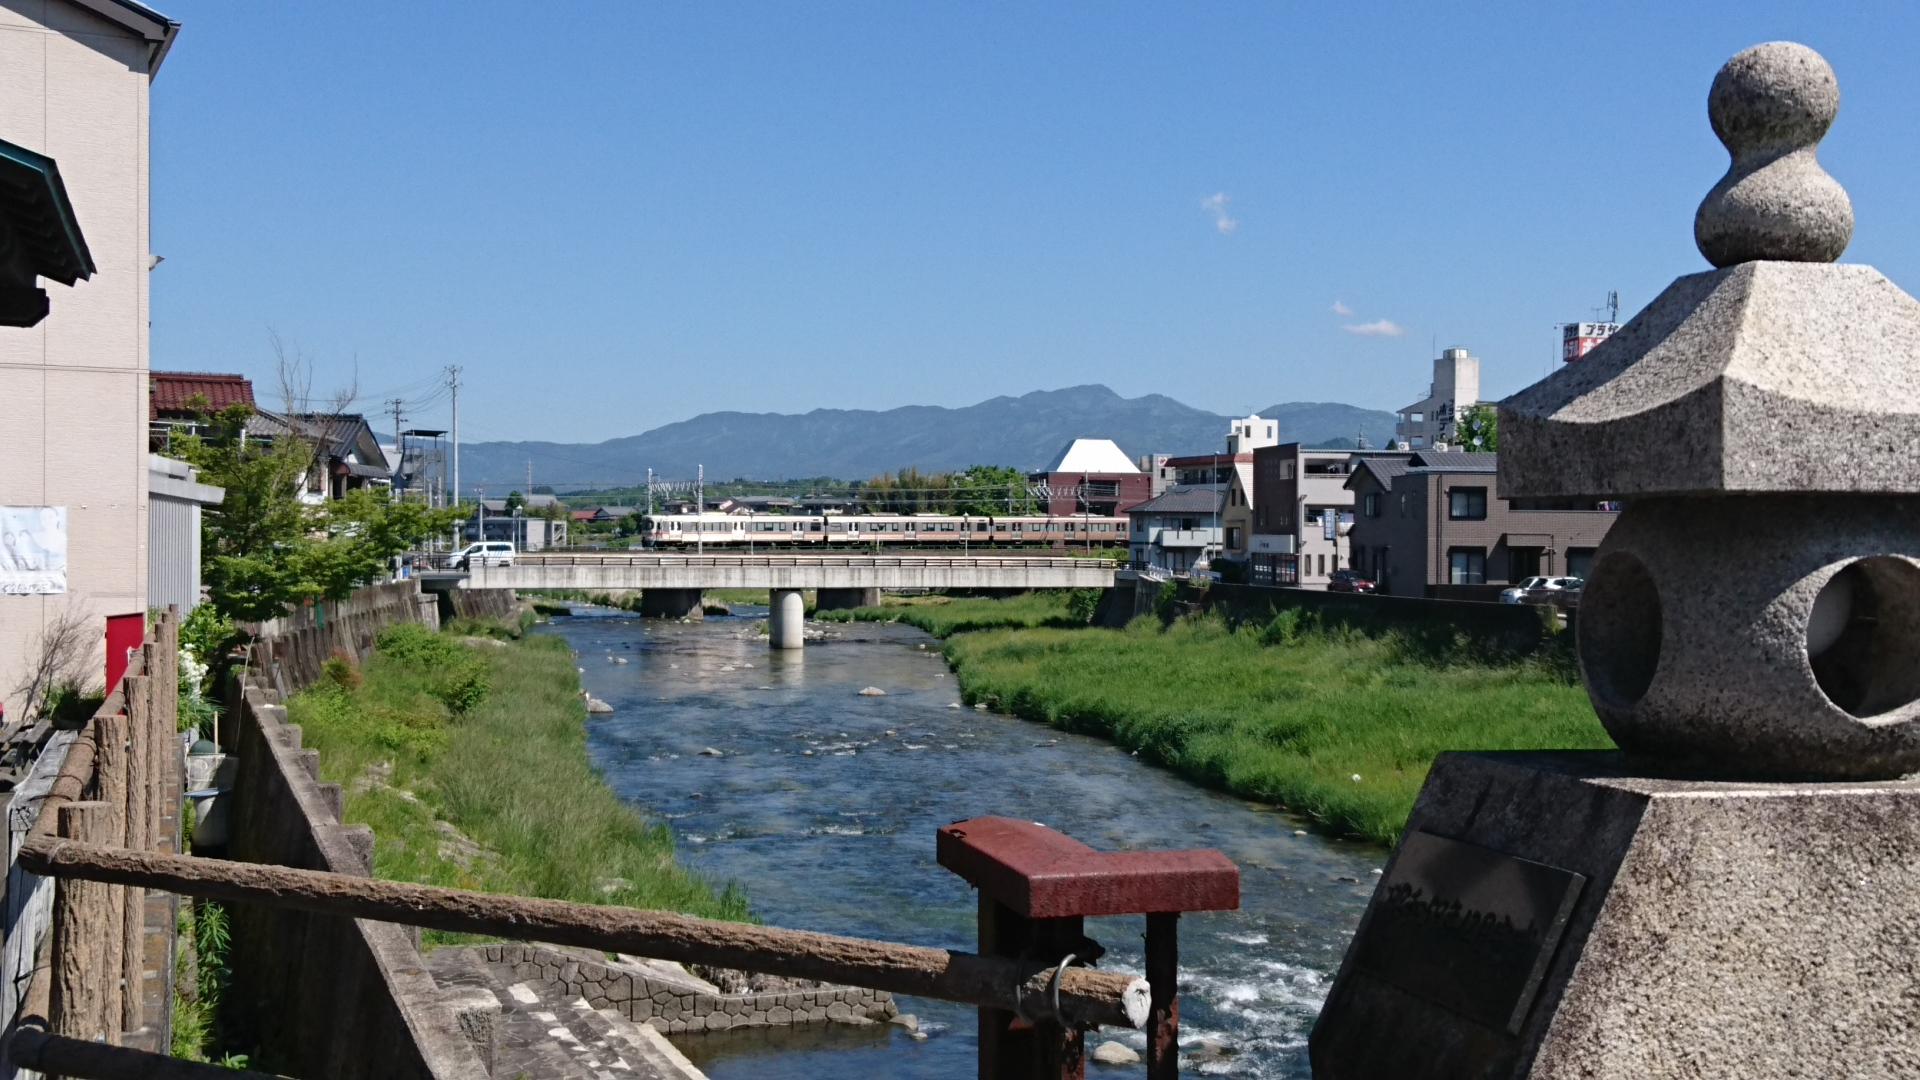 2017.5.19 大井 (19) 中山道 - 大井橋 1920-1080